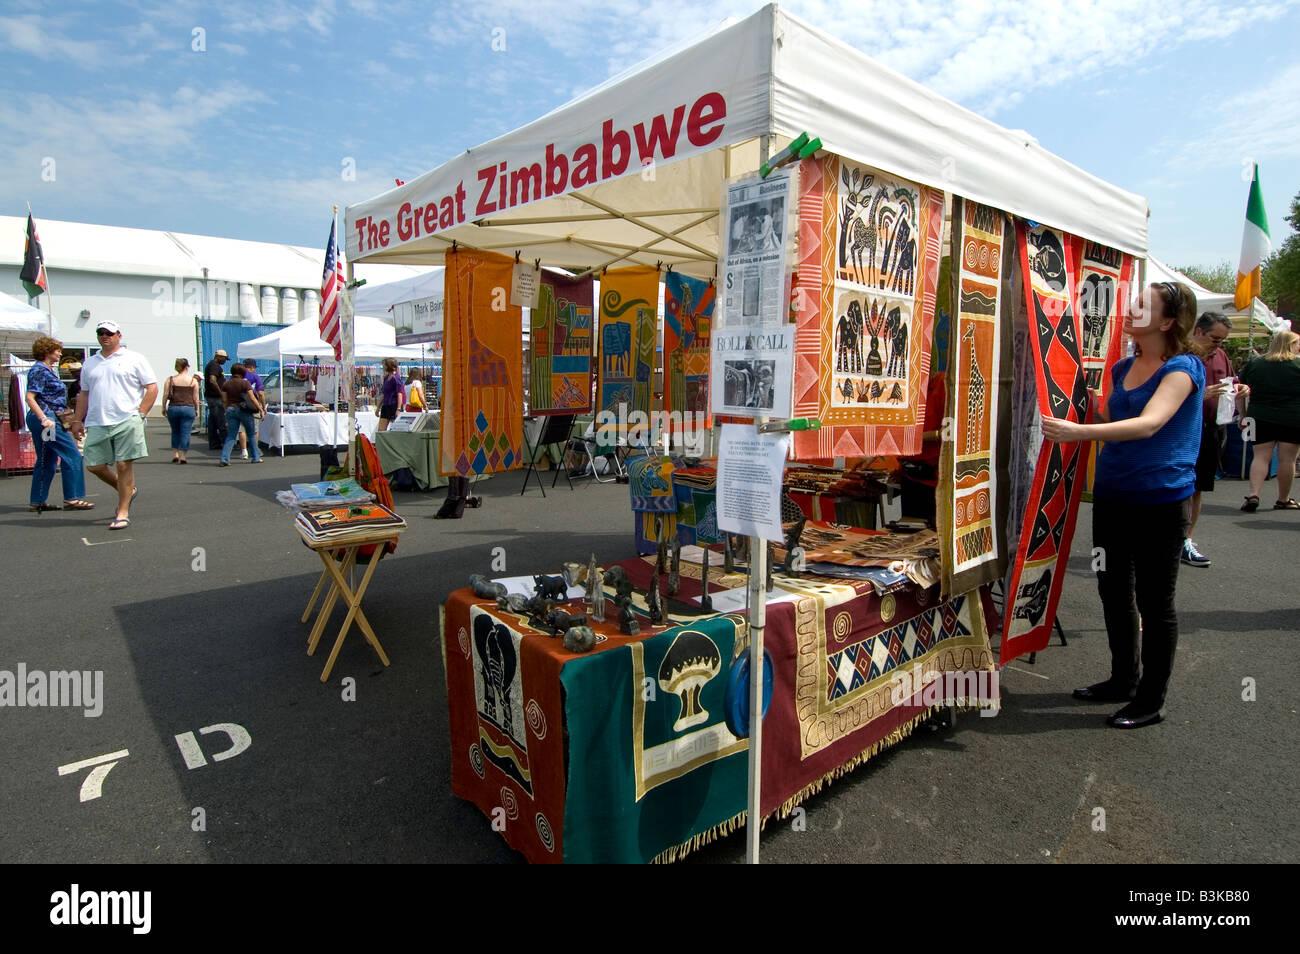 Le grand Zimbabwe Marché aux Puces de décrochage est de l'agriculteur du sud-est du marché de Photo Stock